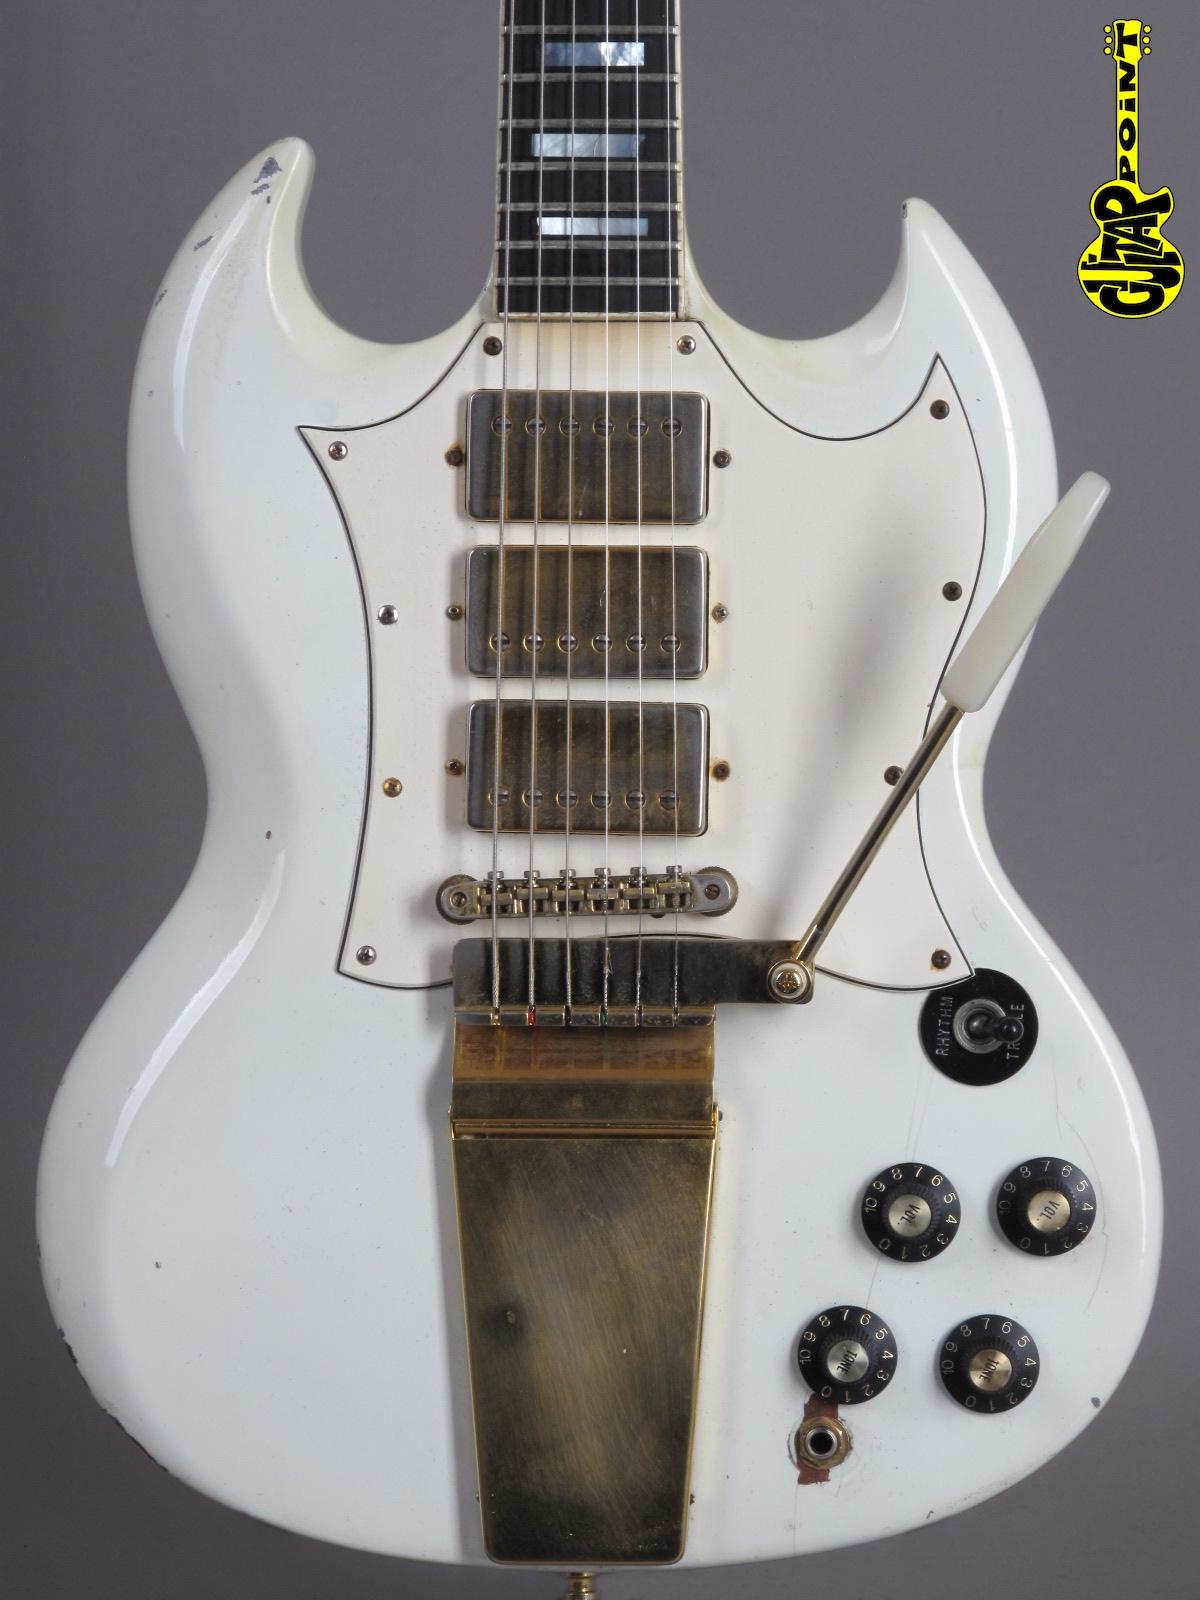 1969 Gibson SG Custom - White